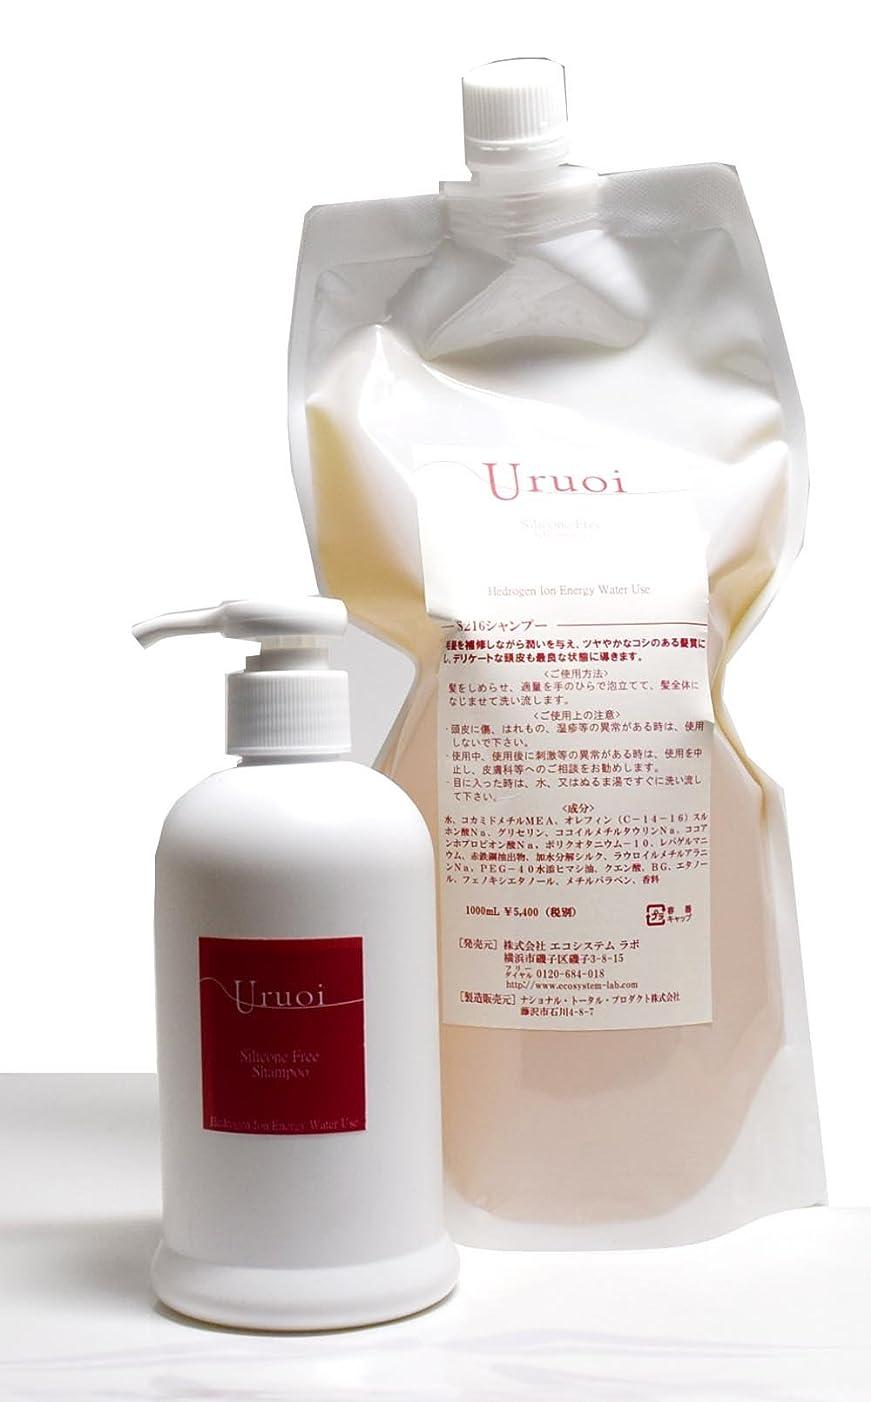 ダイアクリティカルオークション先例水素イオン発生エネルギー水 うるおいシャンプーとレフィールのセット ノンシリコン Silicone Free Uruoi Shampoo